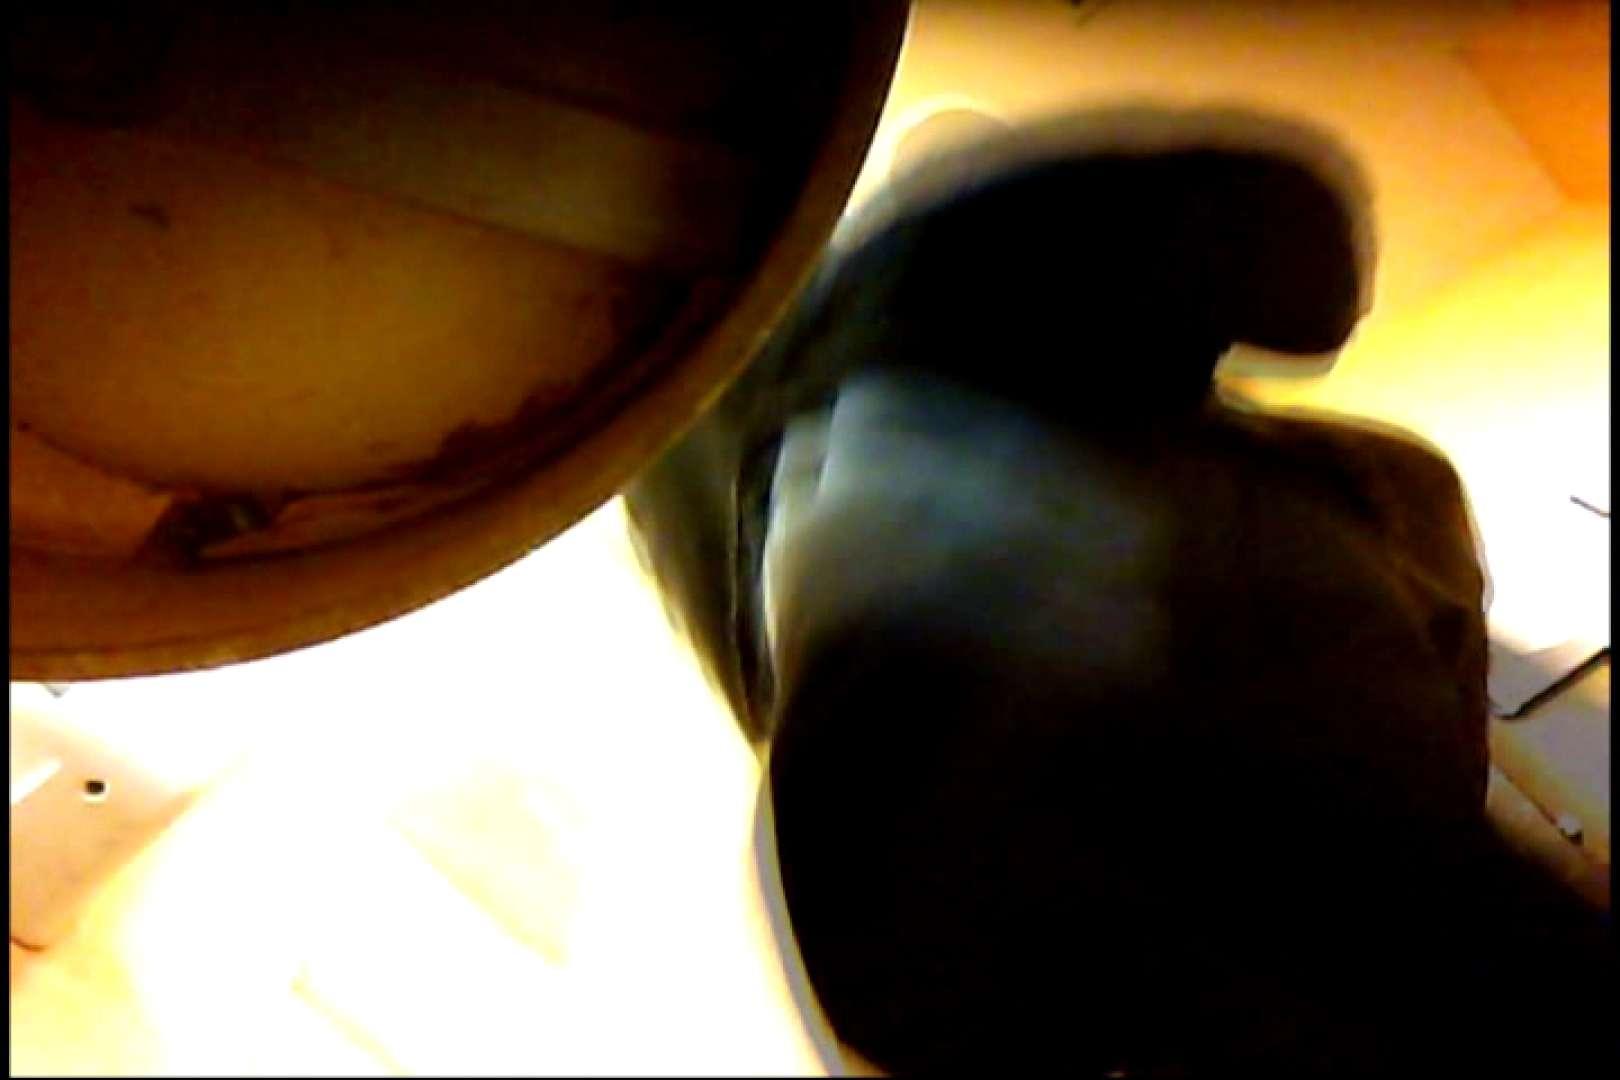 画質向上!新亀さん厠 vol.37 オマンコ | 黄金水  94連発 85